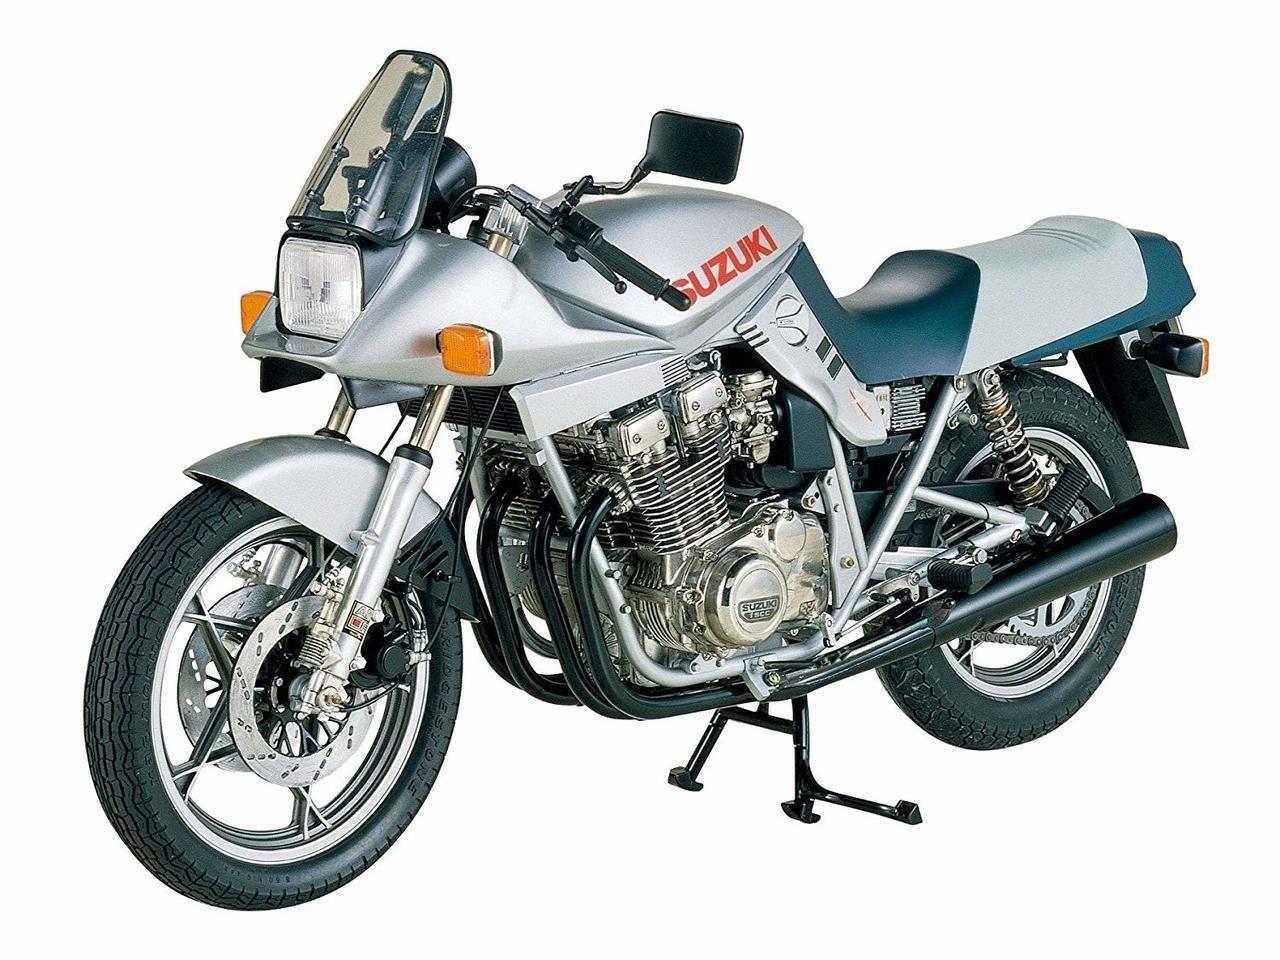 Tamiya 16025 Suzuki GSX1100S Katana 1/6 Scale kit Suzuki